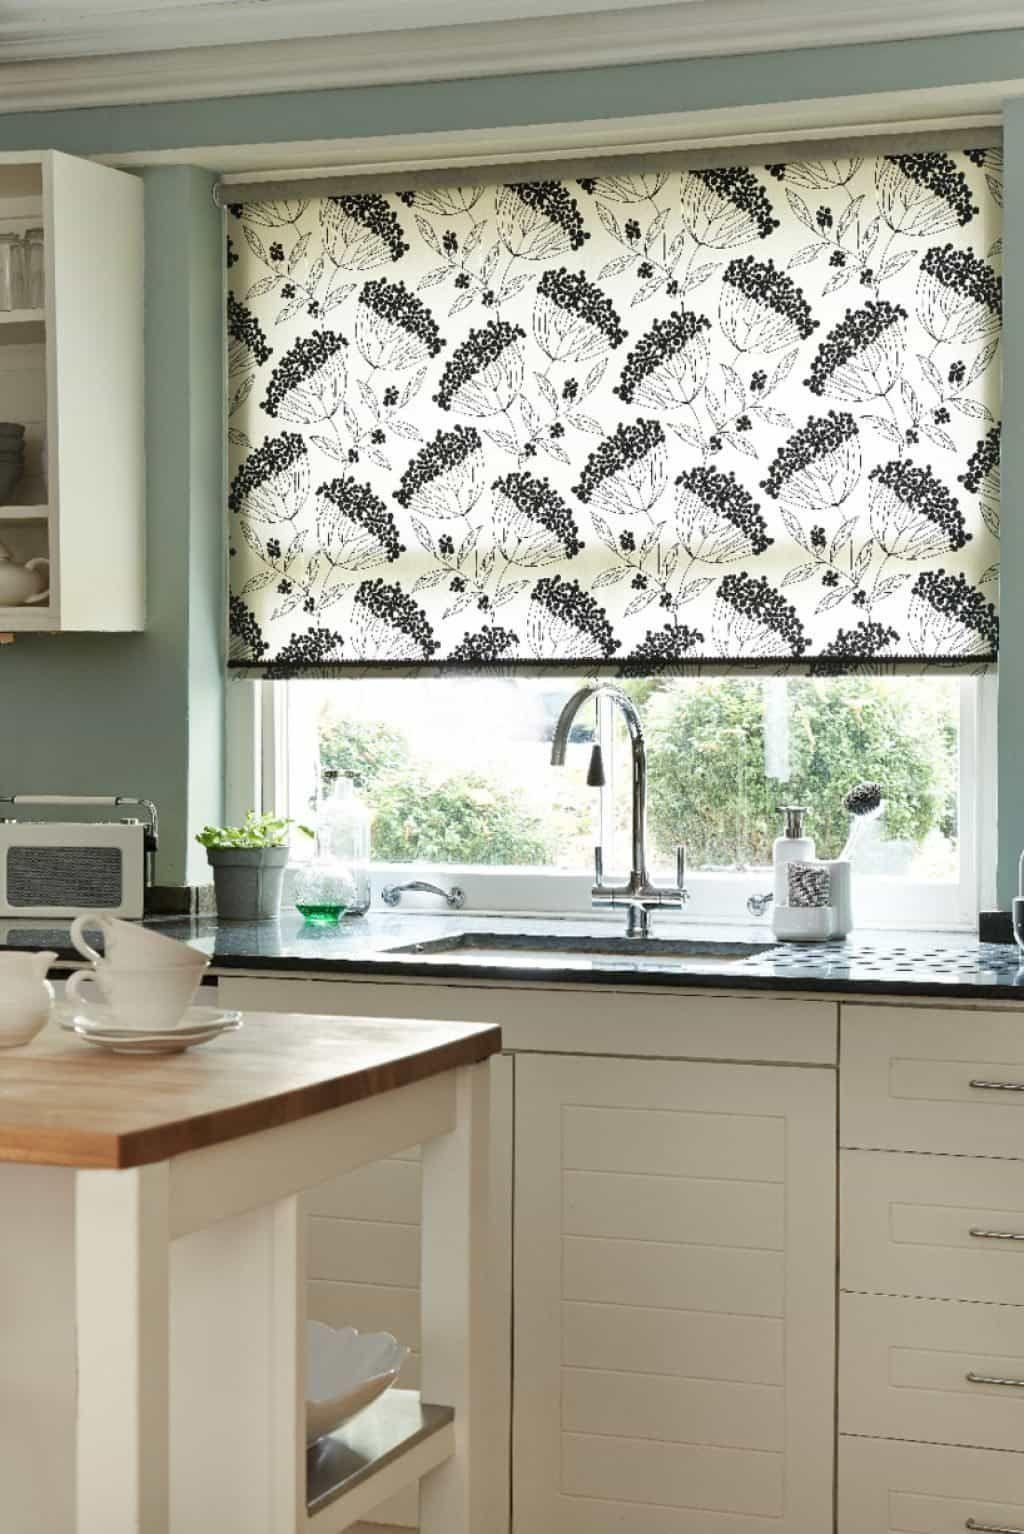 Functional And Decorative Kitchen Window Blinds Blindsandcurtainstogether Verticalblindskitc With Images Kitchen Window Blinds Kitchen Curtain Designs Living Room Blinds